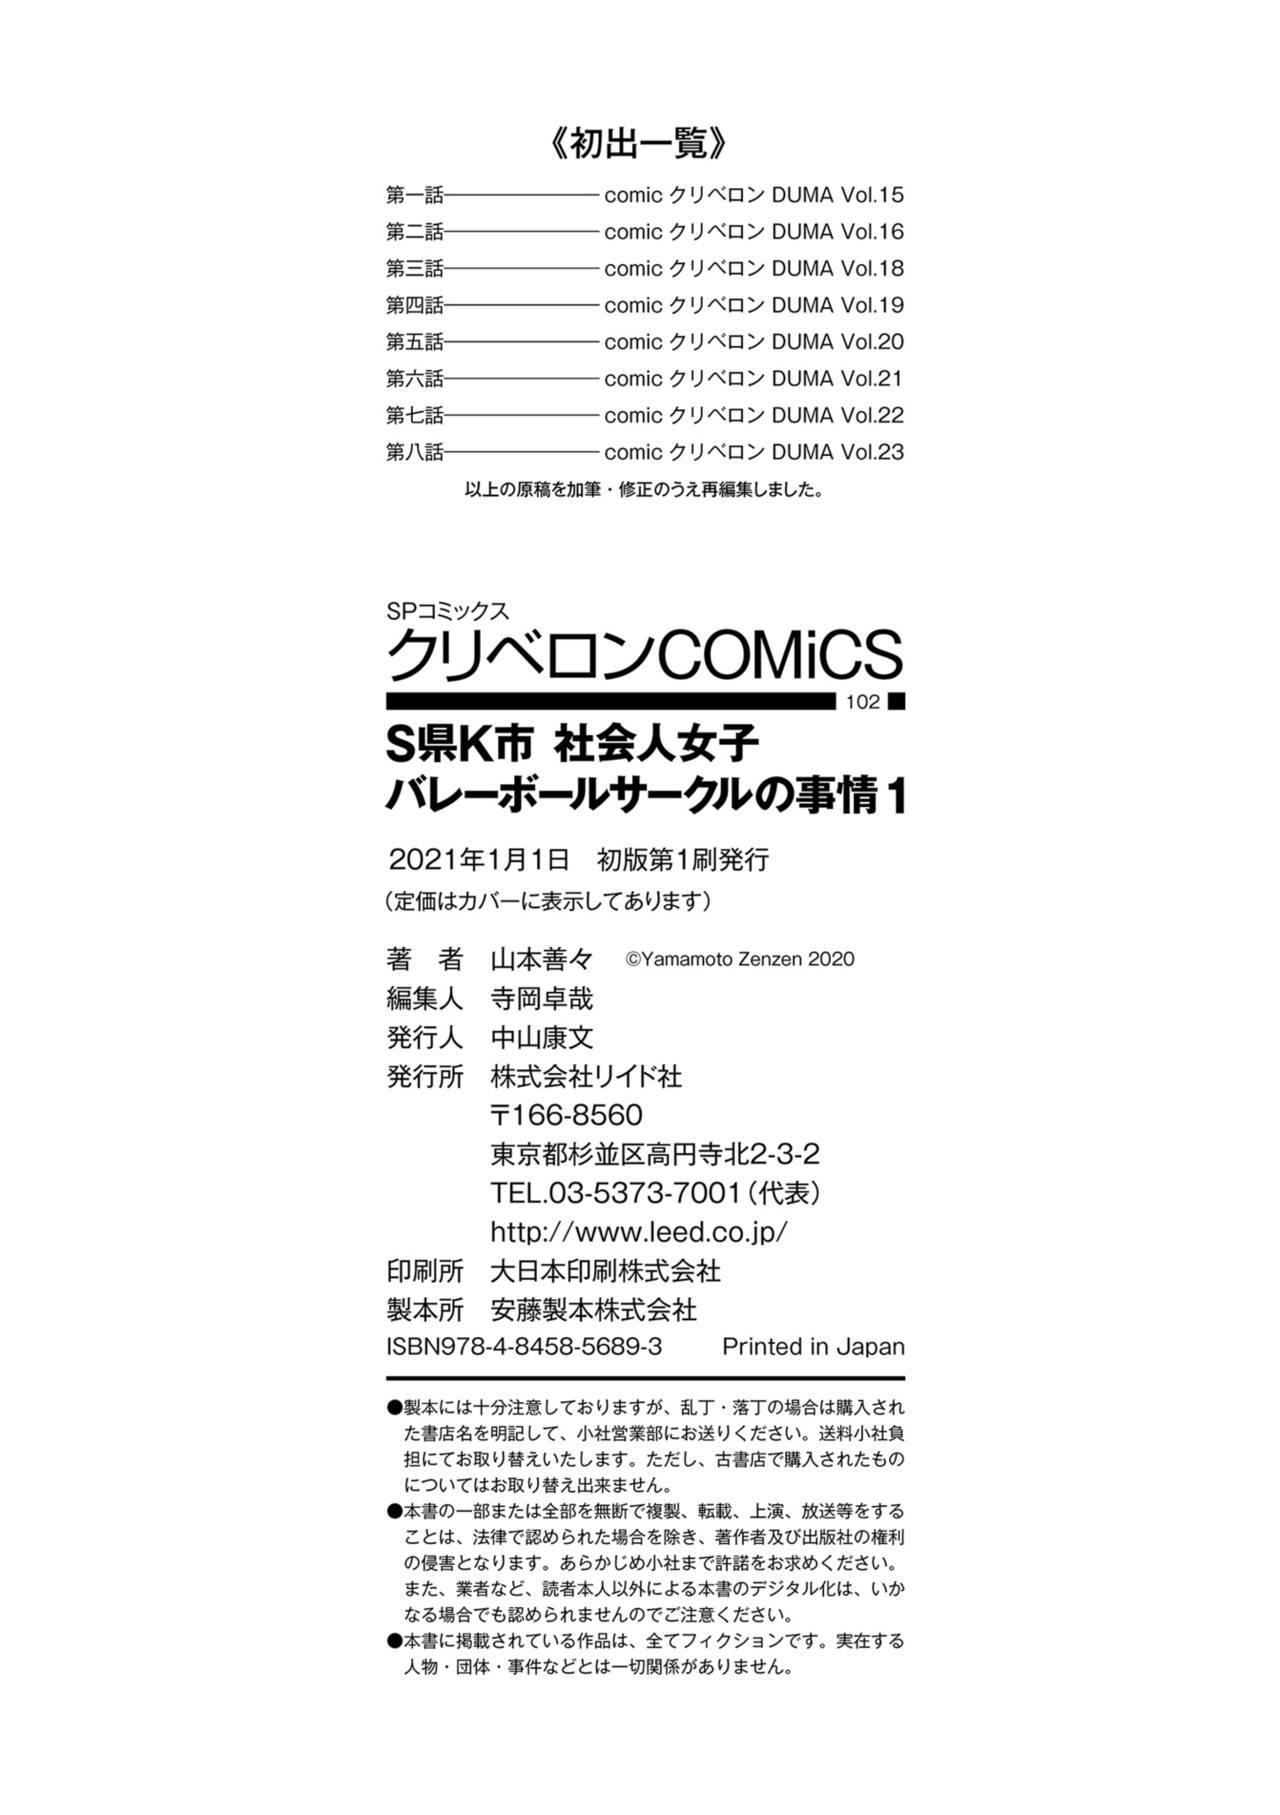 [Yamamoto Zenzen] S-ken K-shi Shakaijin Joshi Volleyball Circle no Jijou [Digital] 219